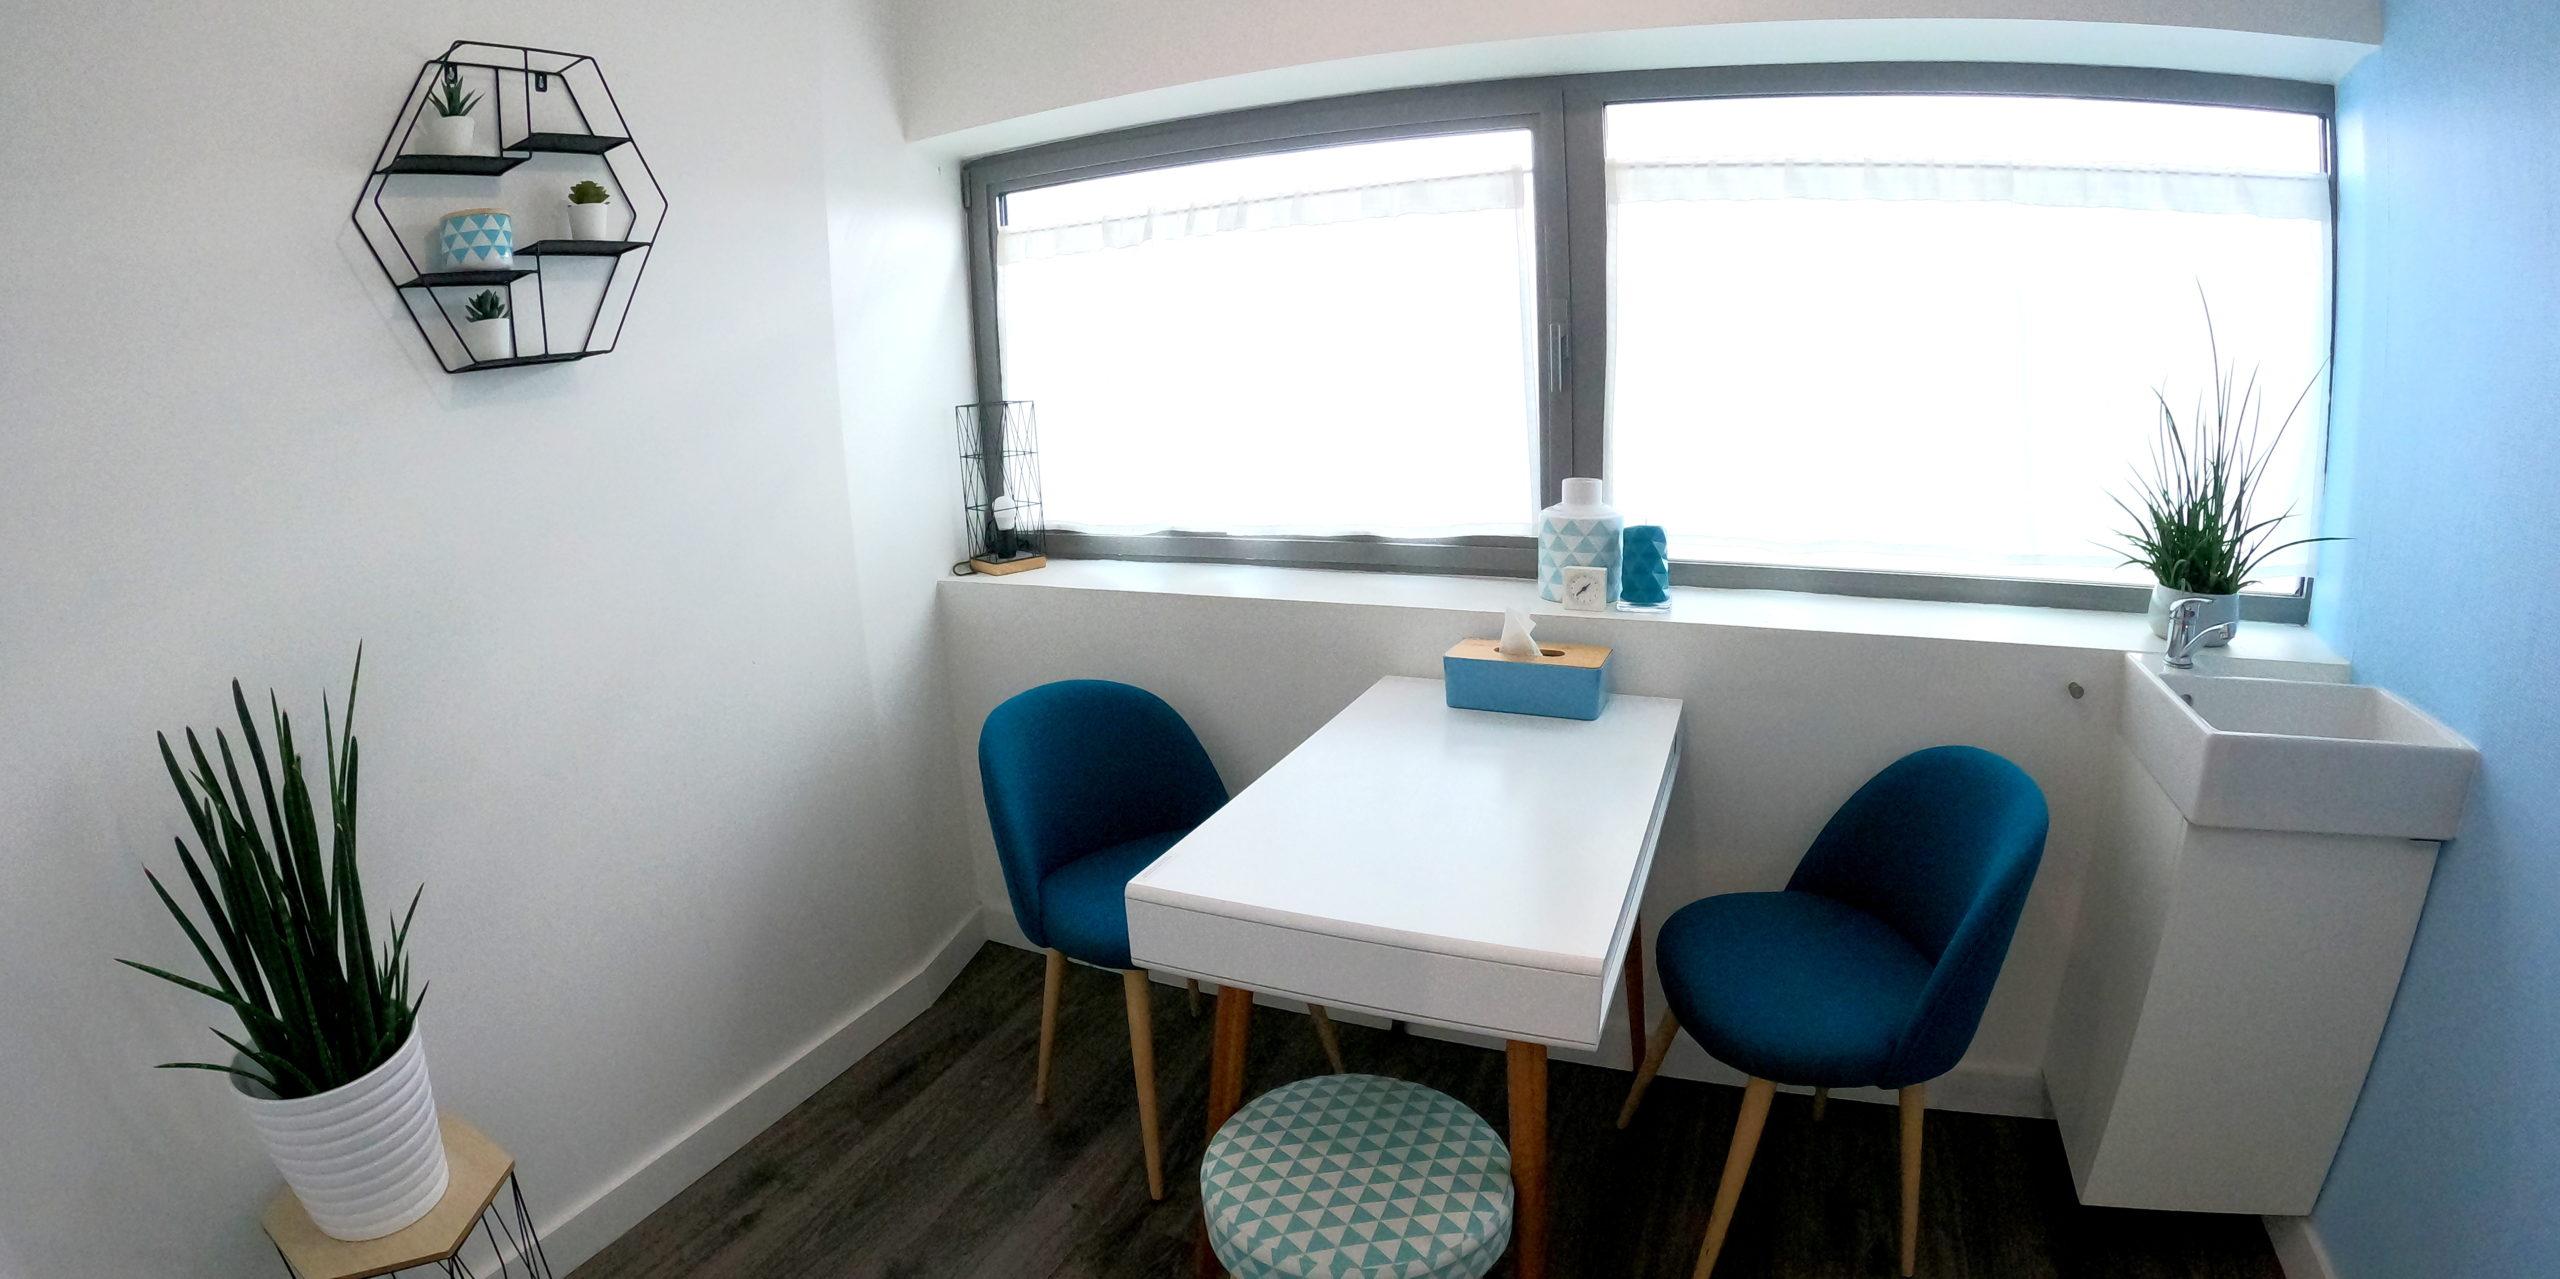 Centre-Libéal-Cabinet-paramédical-location-Cabinet-Bleu-Ciel-scaled.jpg